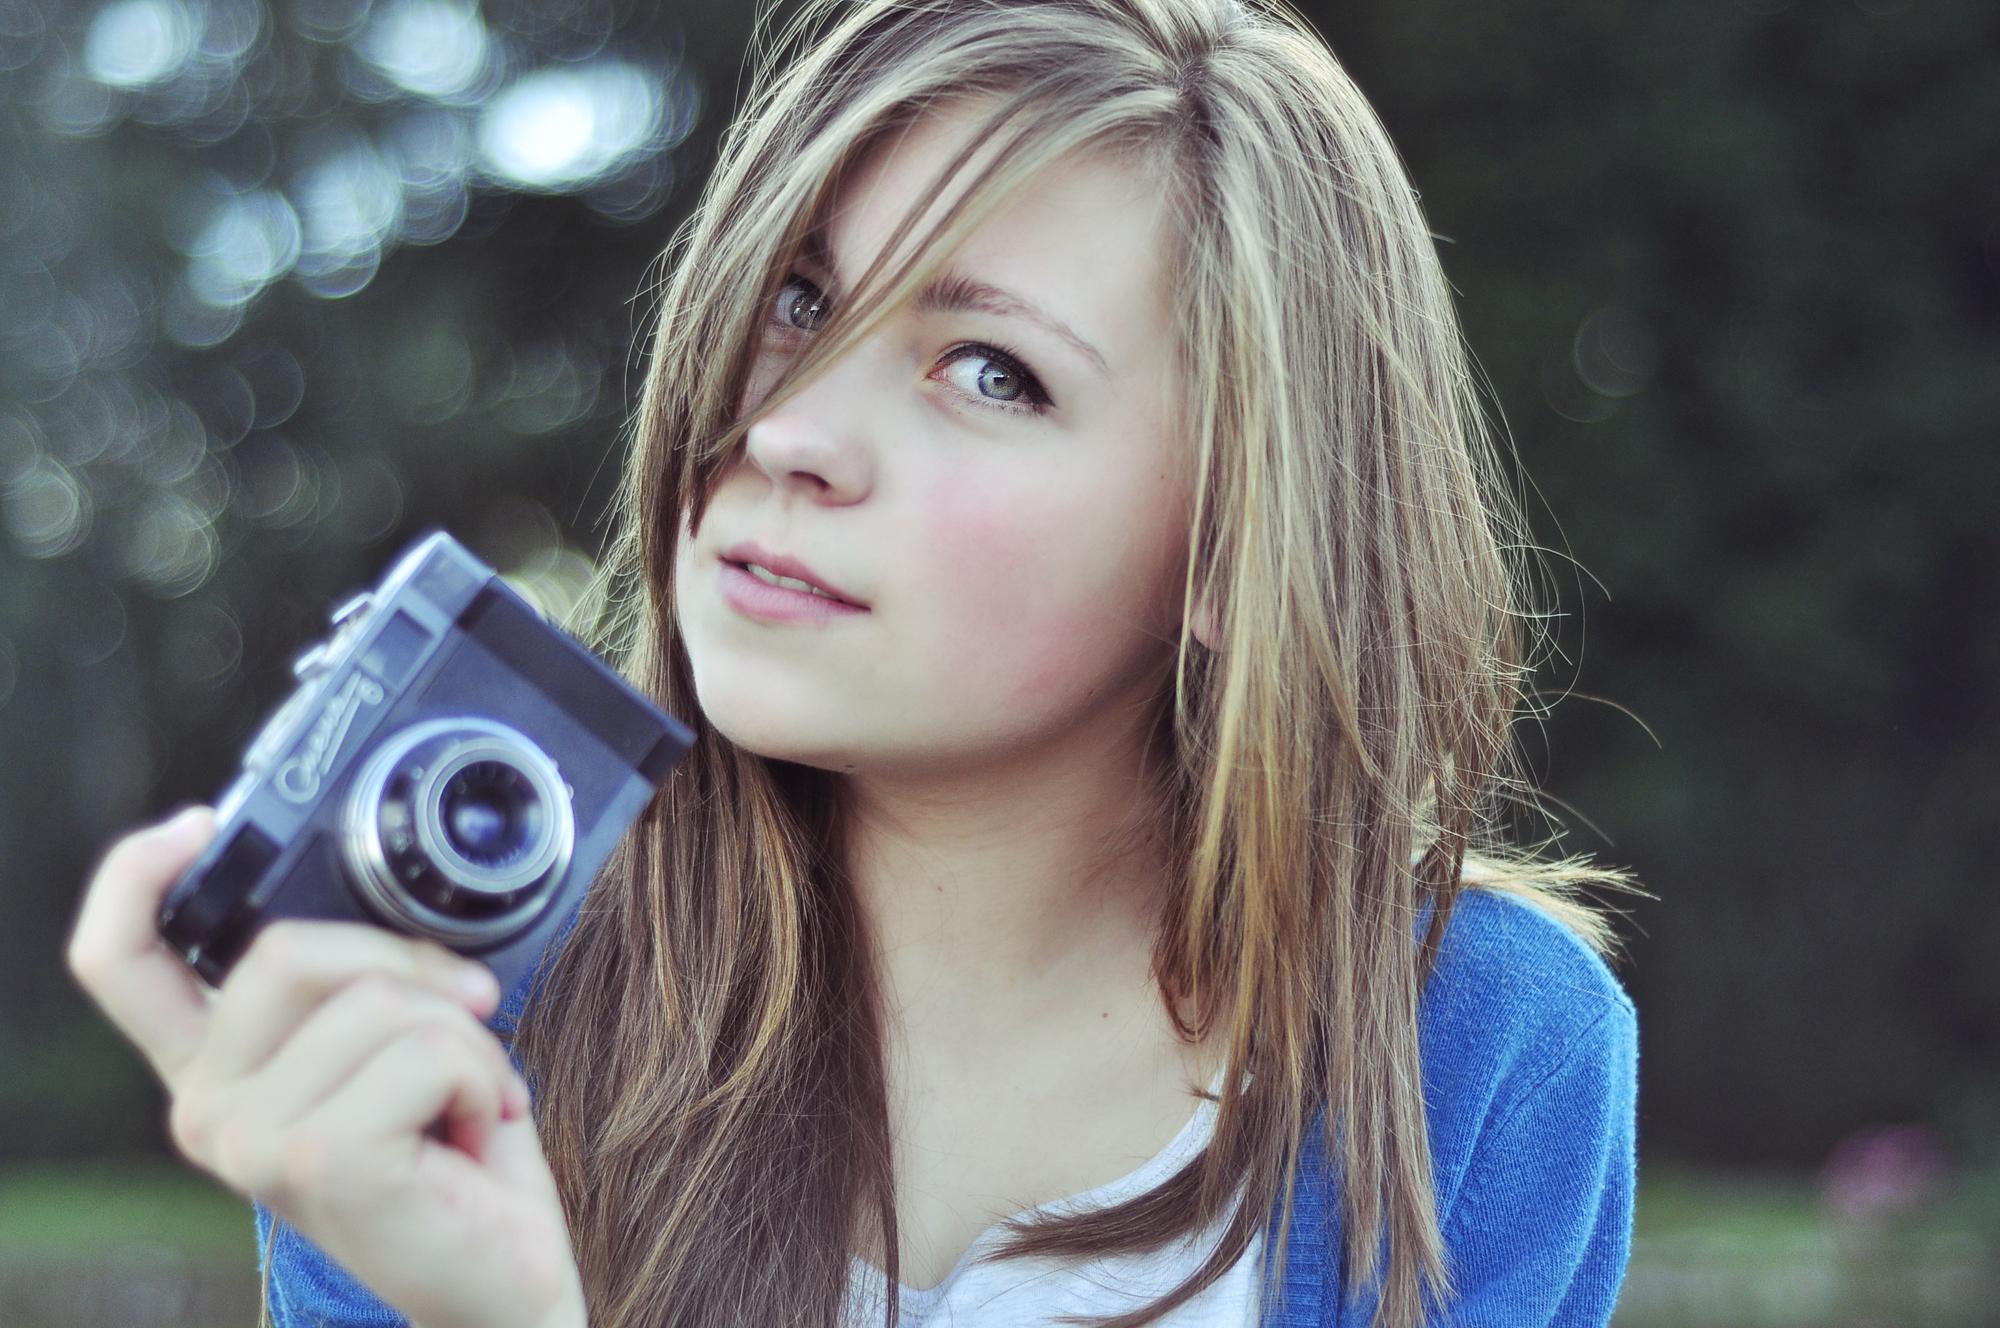 بالصور صور حلوات , صور بنات جميله ورائعه 5701 3